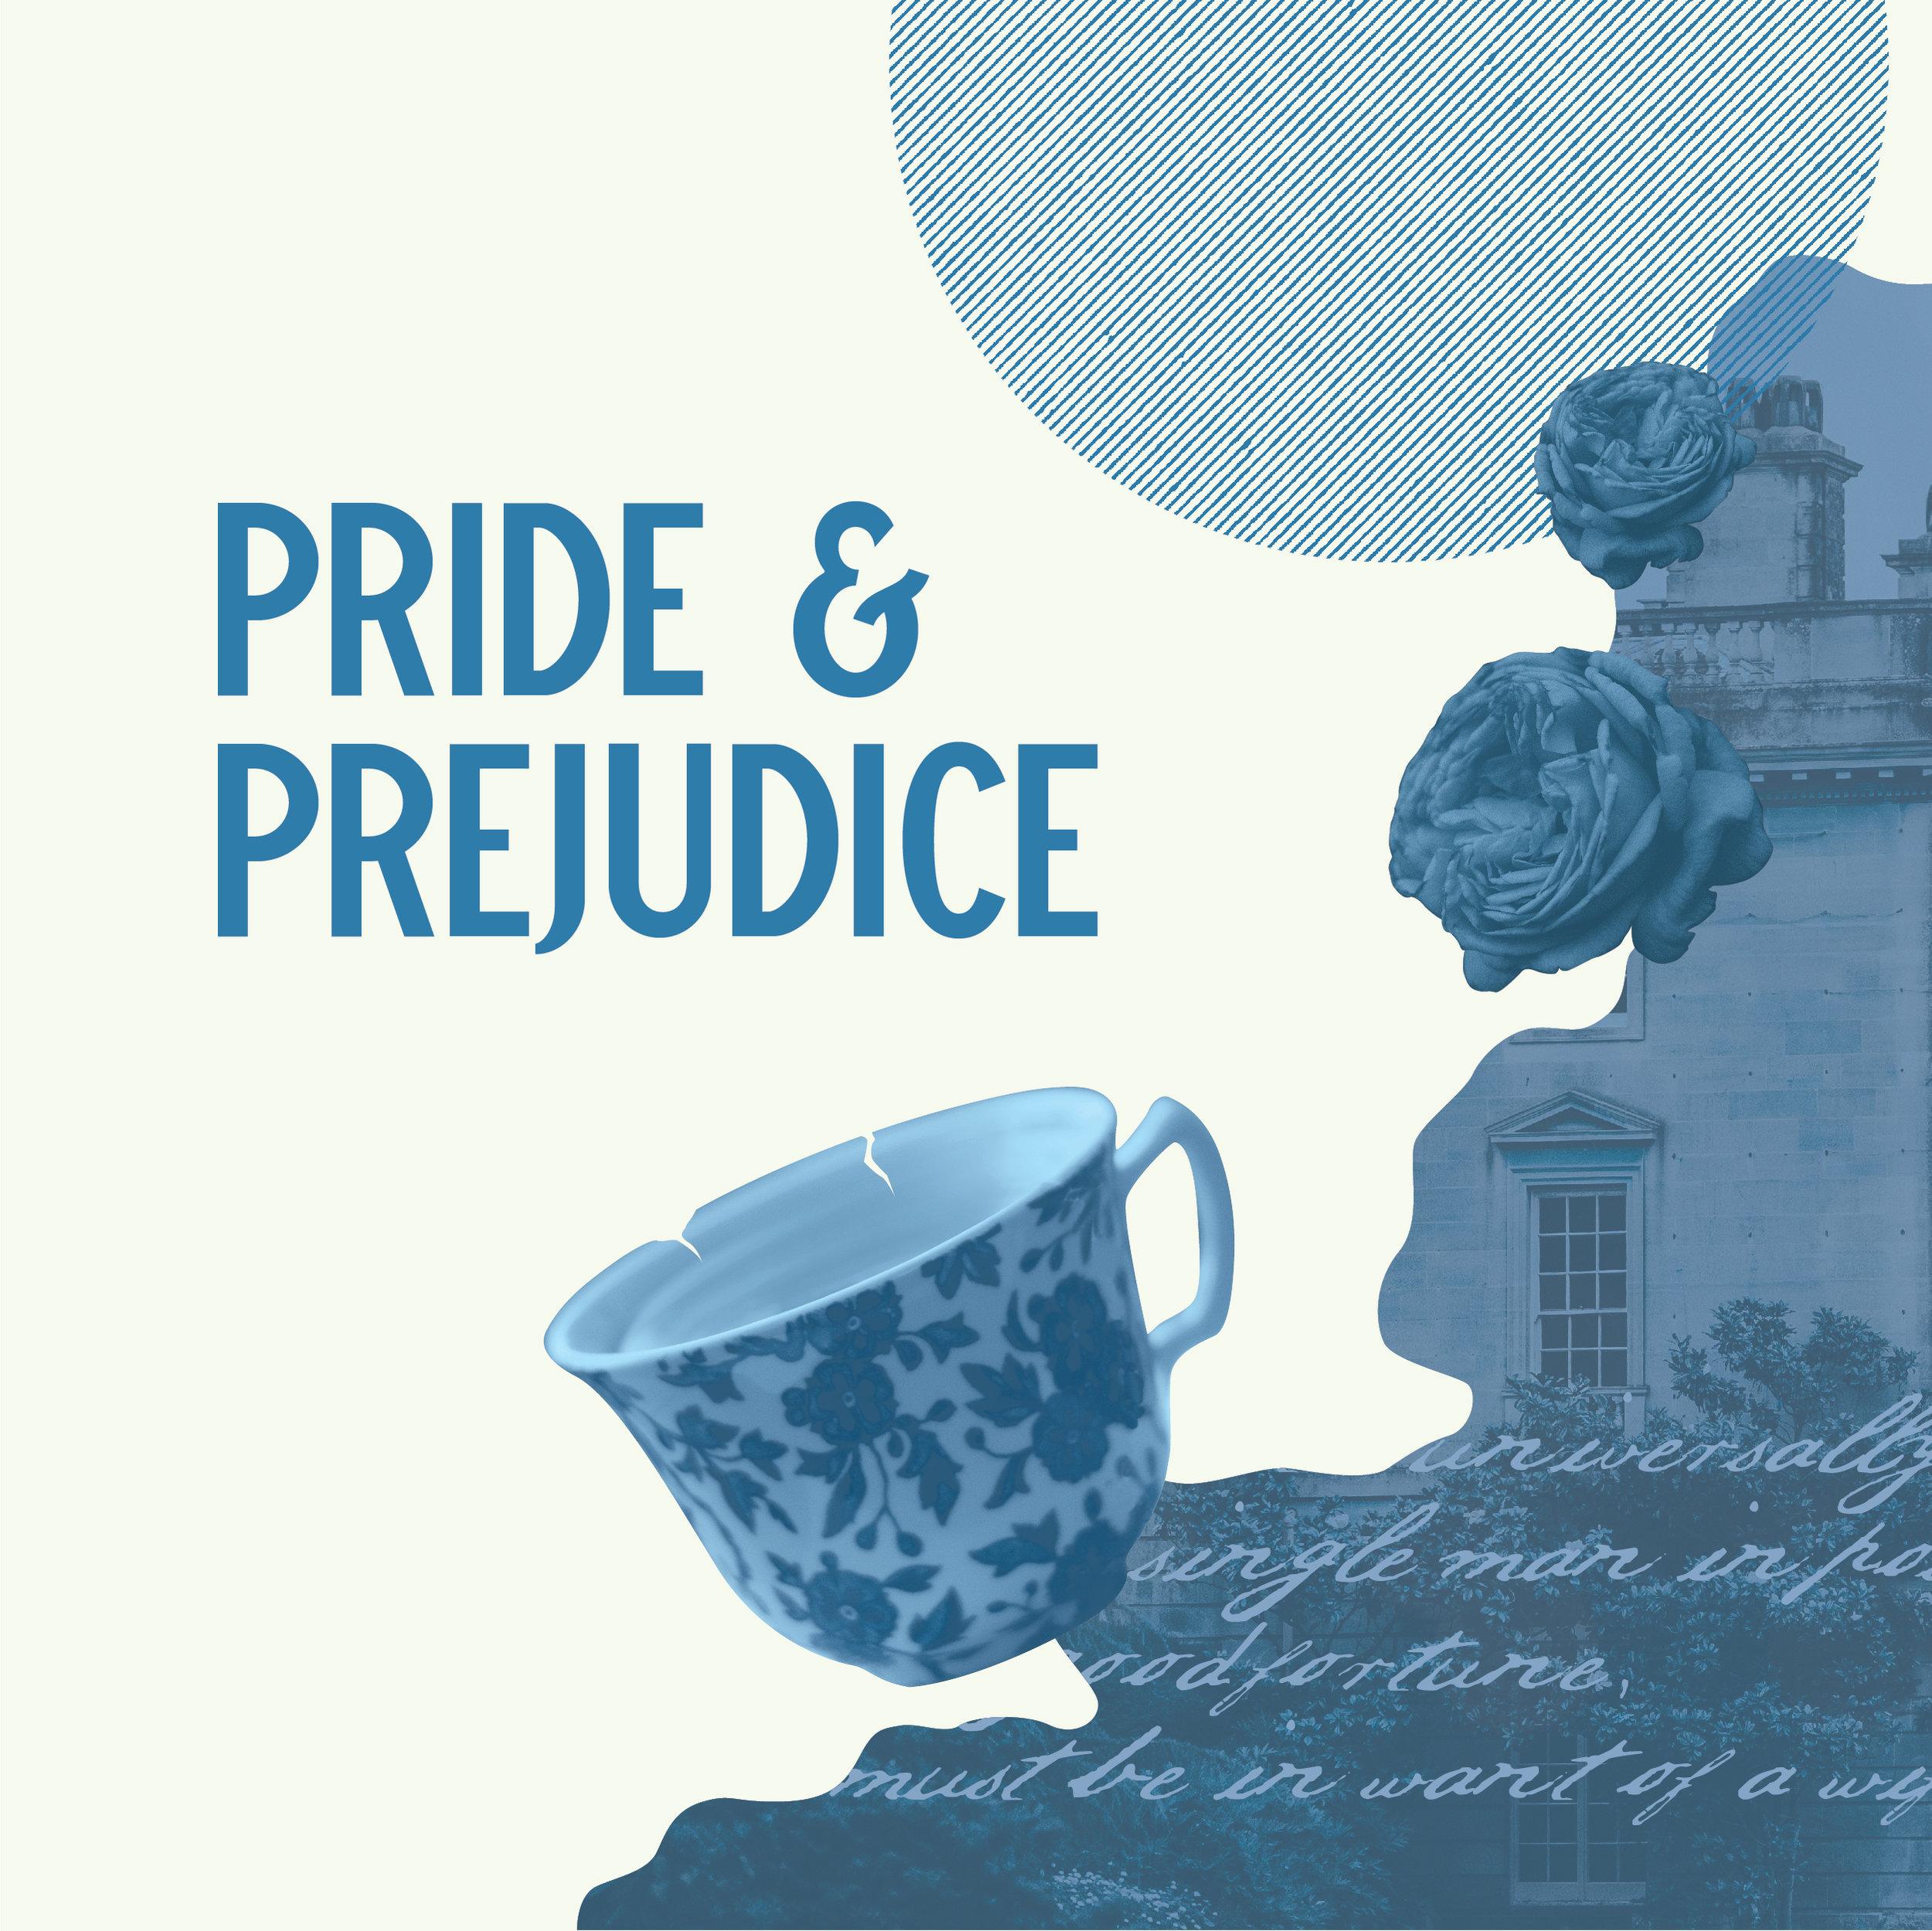 Heritage_600x600_Title_Pride.jpg